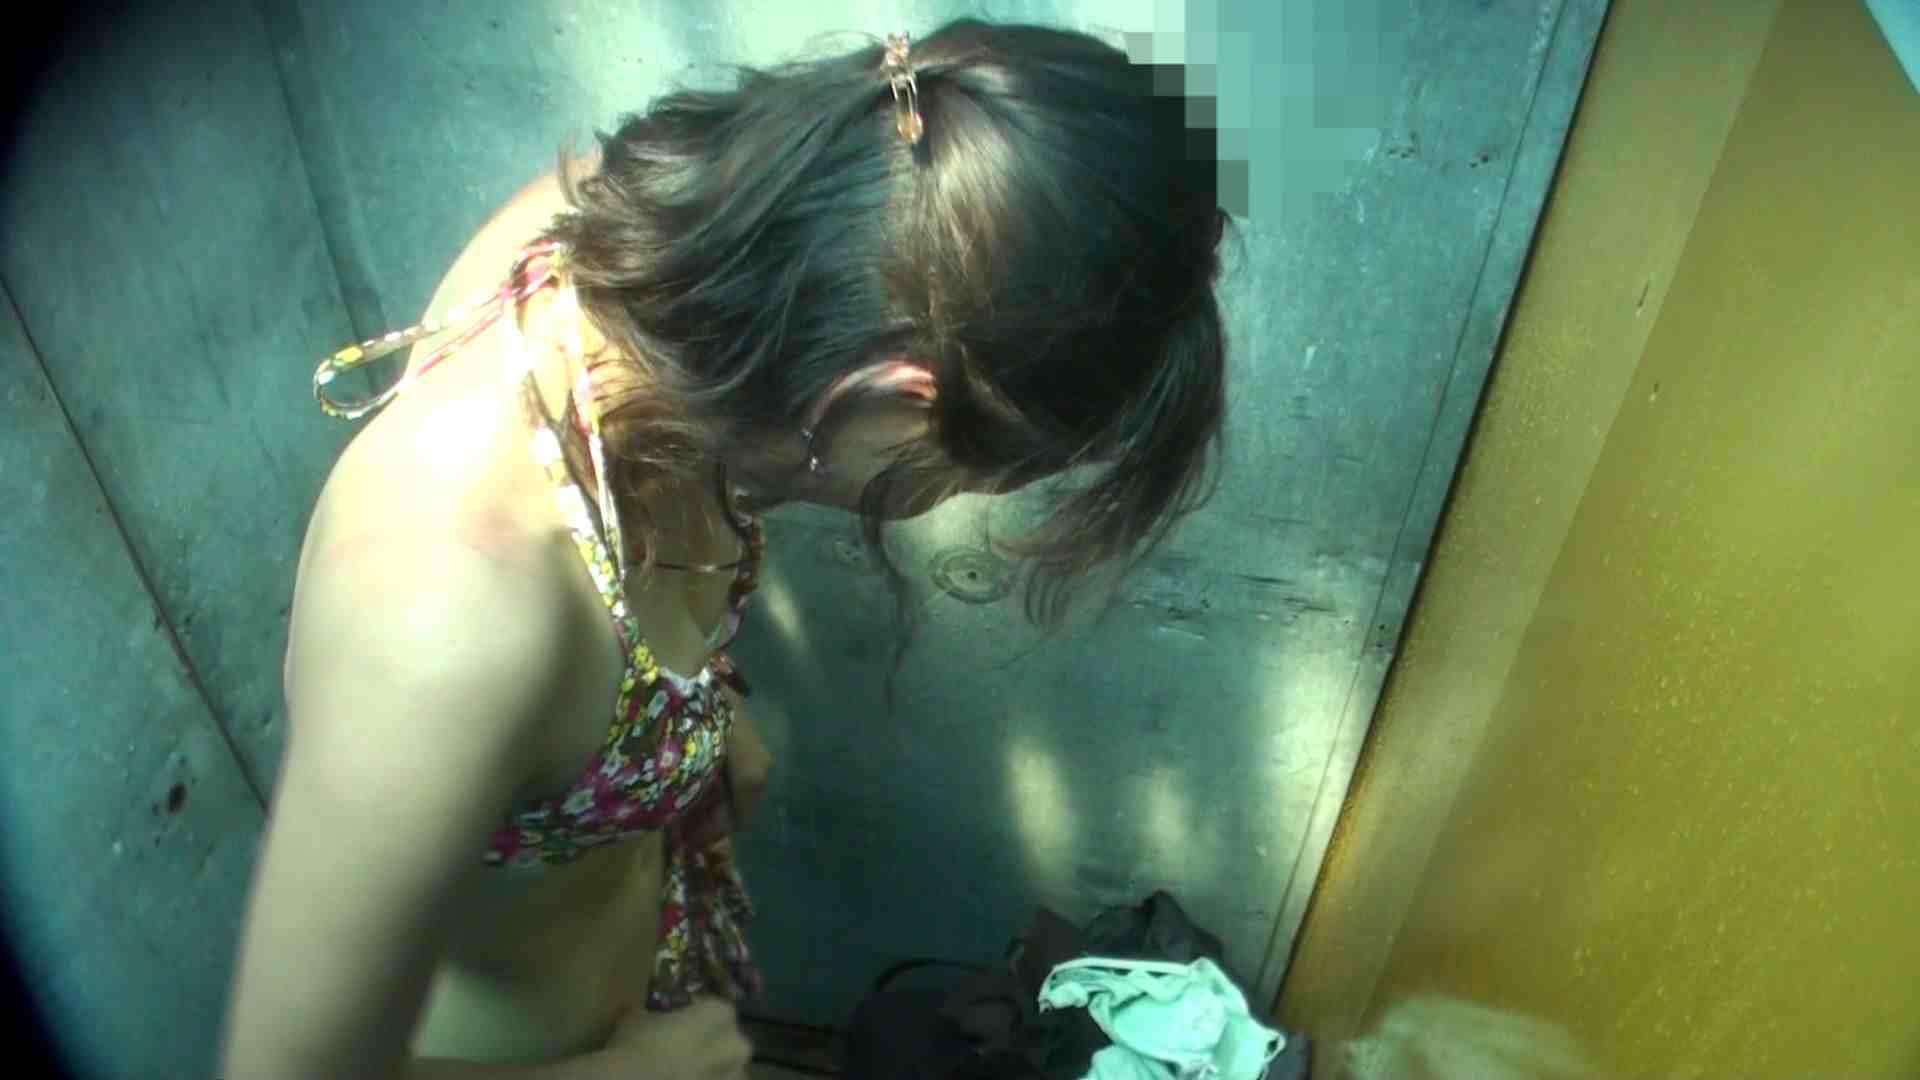 シャワールームは超!!危険な香りVol.16 意外に乳首は年増のそれ 高画質モード セックス画像 105画像 49